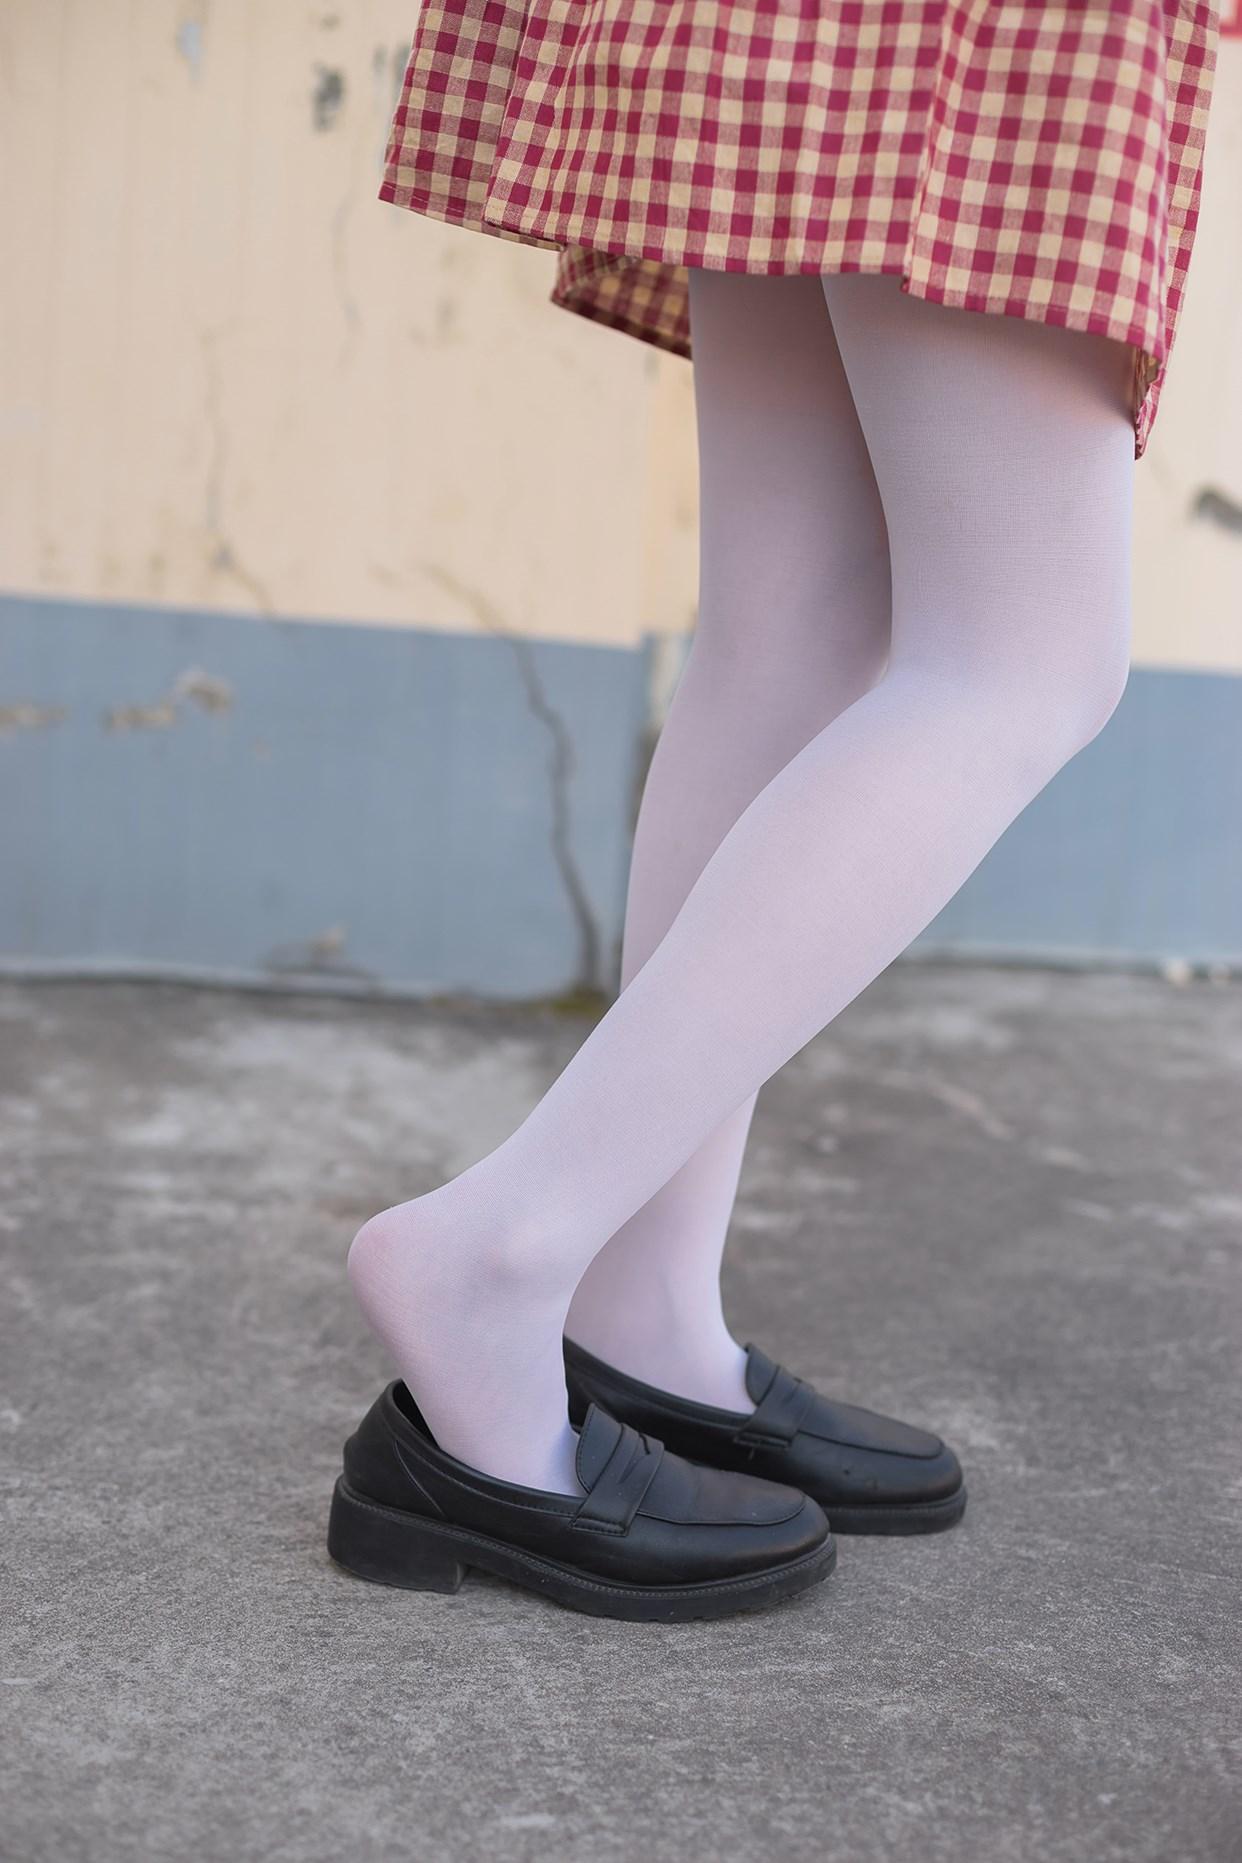 【兔玩映画】萝莉的白丝袜 兔玩映画 第11张